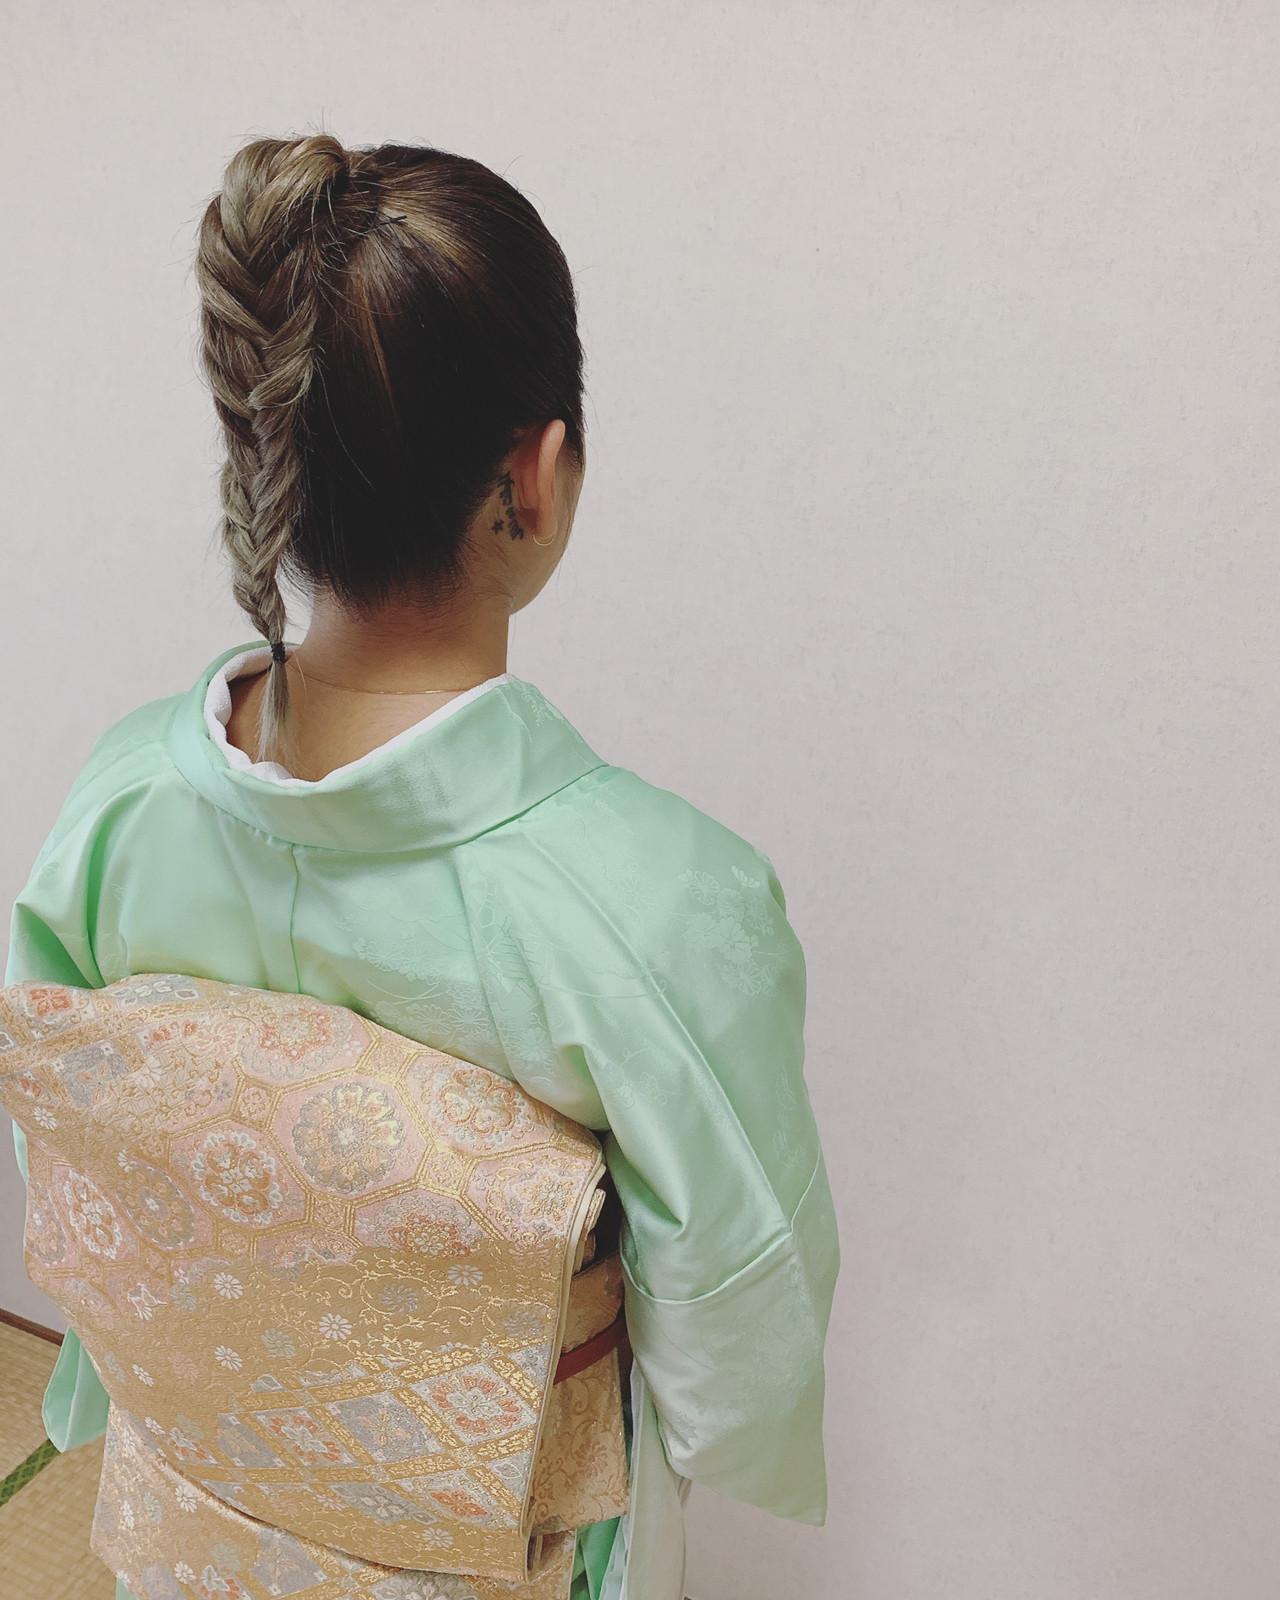 ナチュラル 浴衣アレンジ ミディアム 浴衣ヘア ヘアスタイルや髪型の写真・画像 | Moriyama Mami / 福岡天神ヘアセット・着付け専門店【Three-keys】